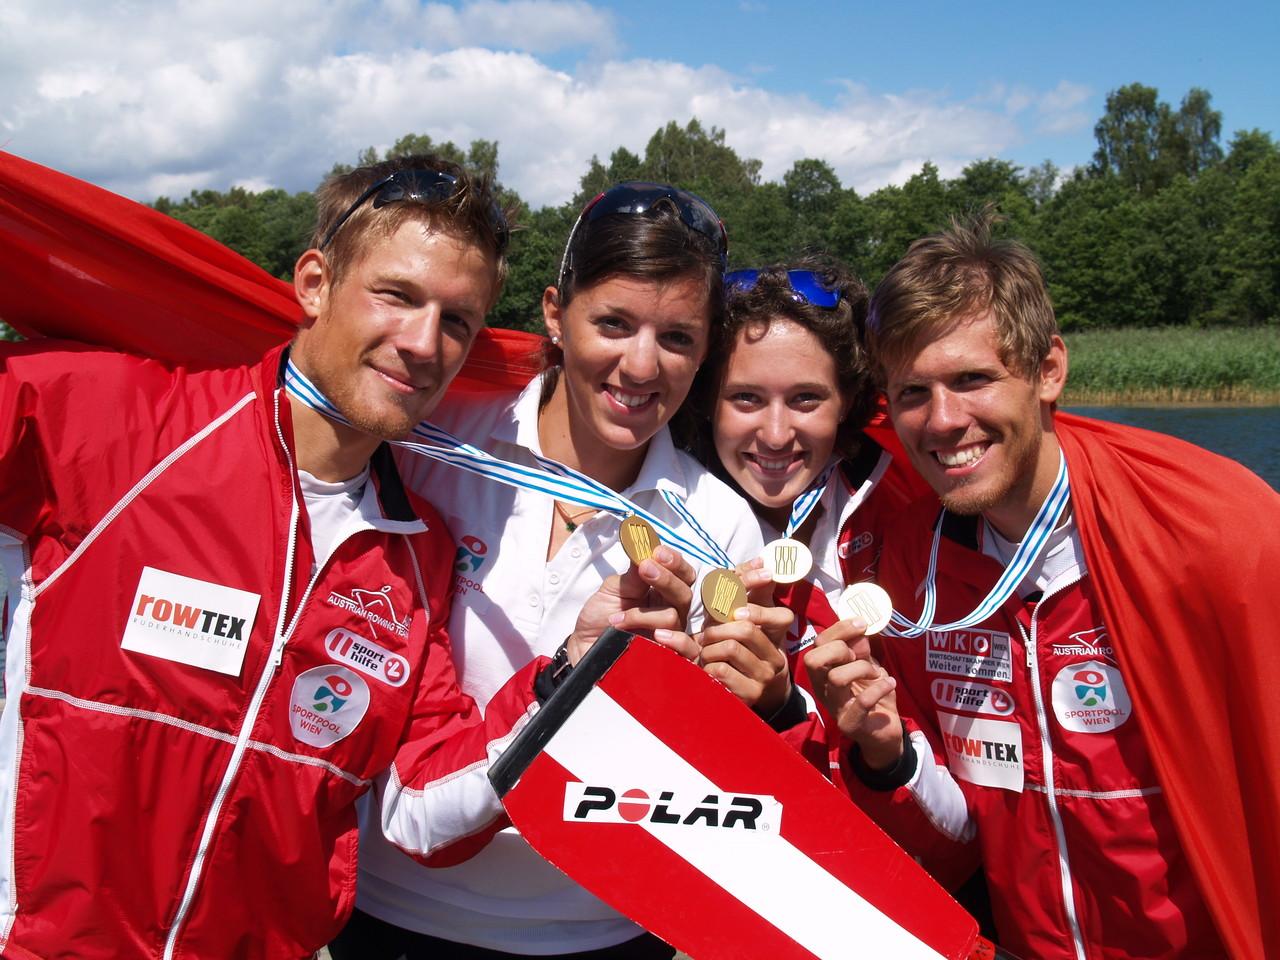 Die Sieber Brothers und Magdalena Lobnig/Lisa Fahrthofer feiern ihre U23-Weltmeistertitel